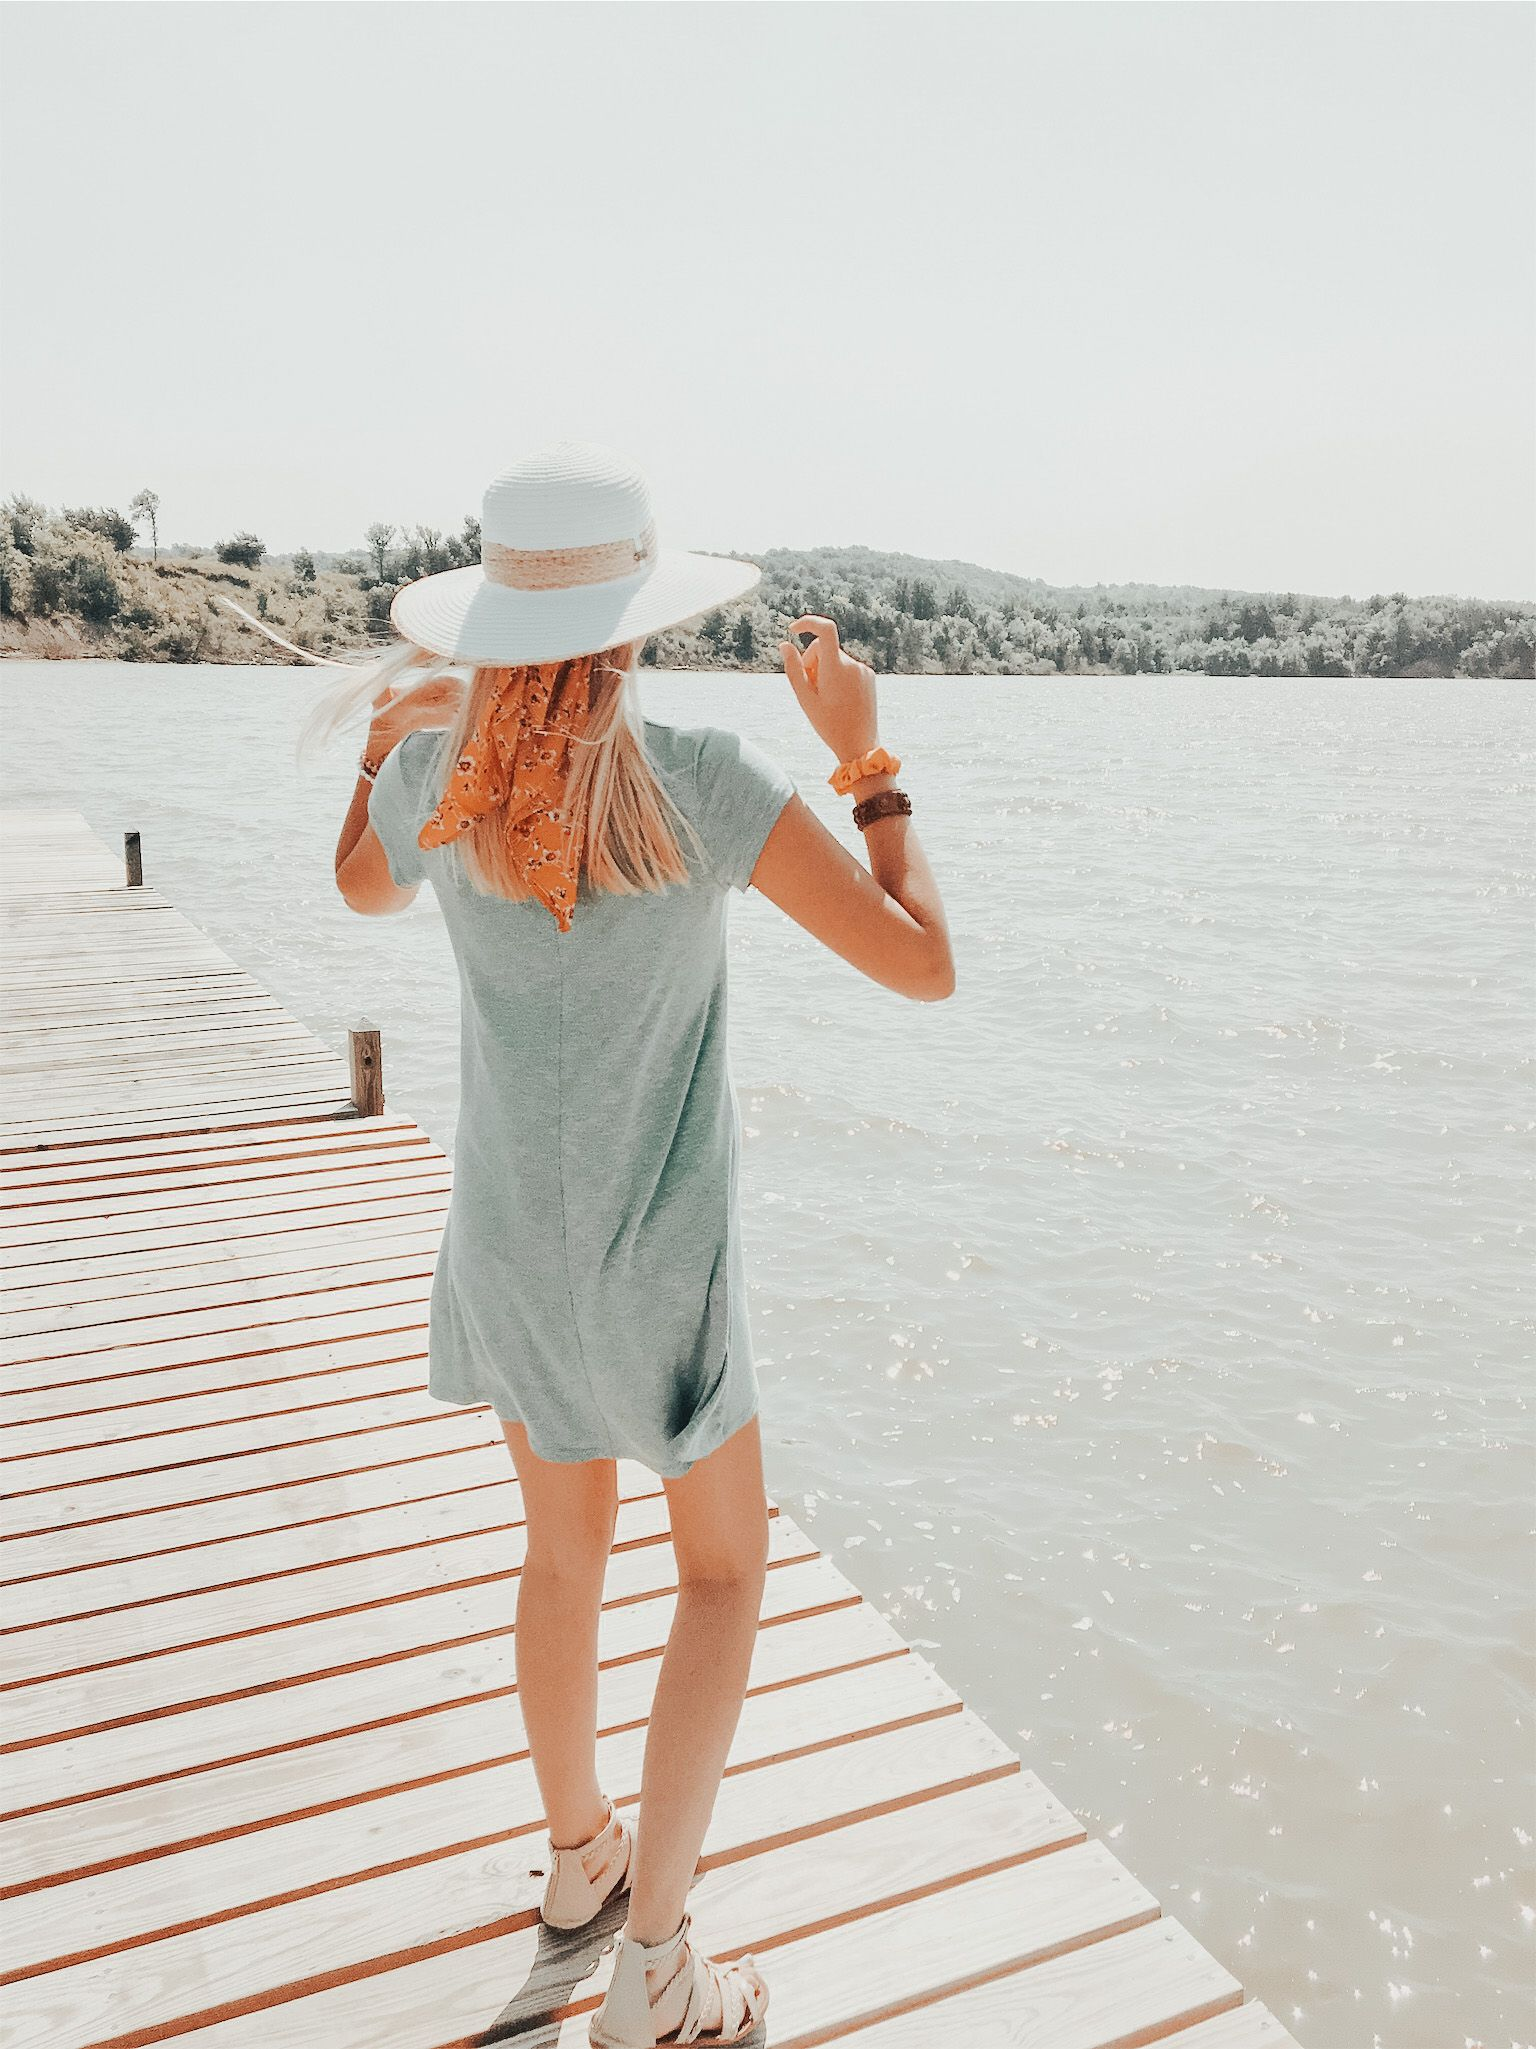 #summer #lakedays #summeroutfitswomen #sunhats #lakelife